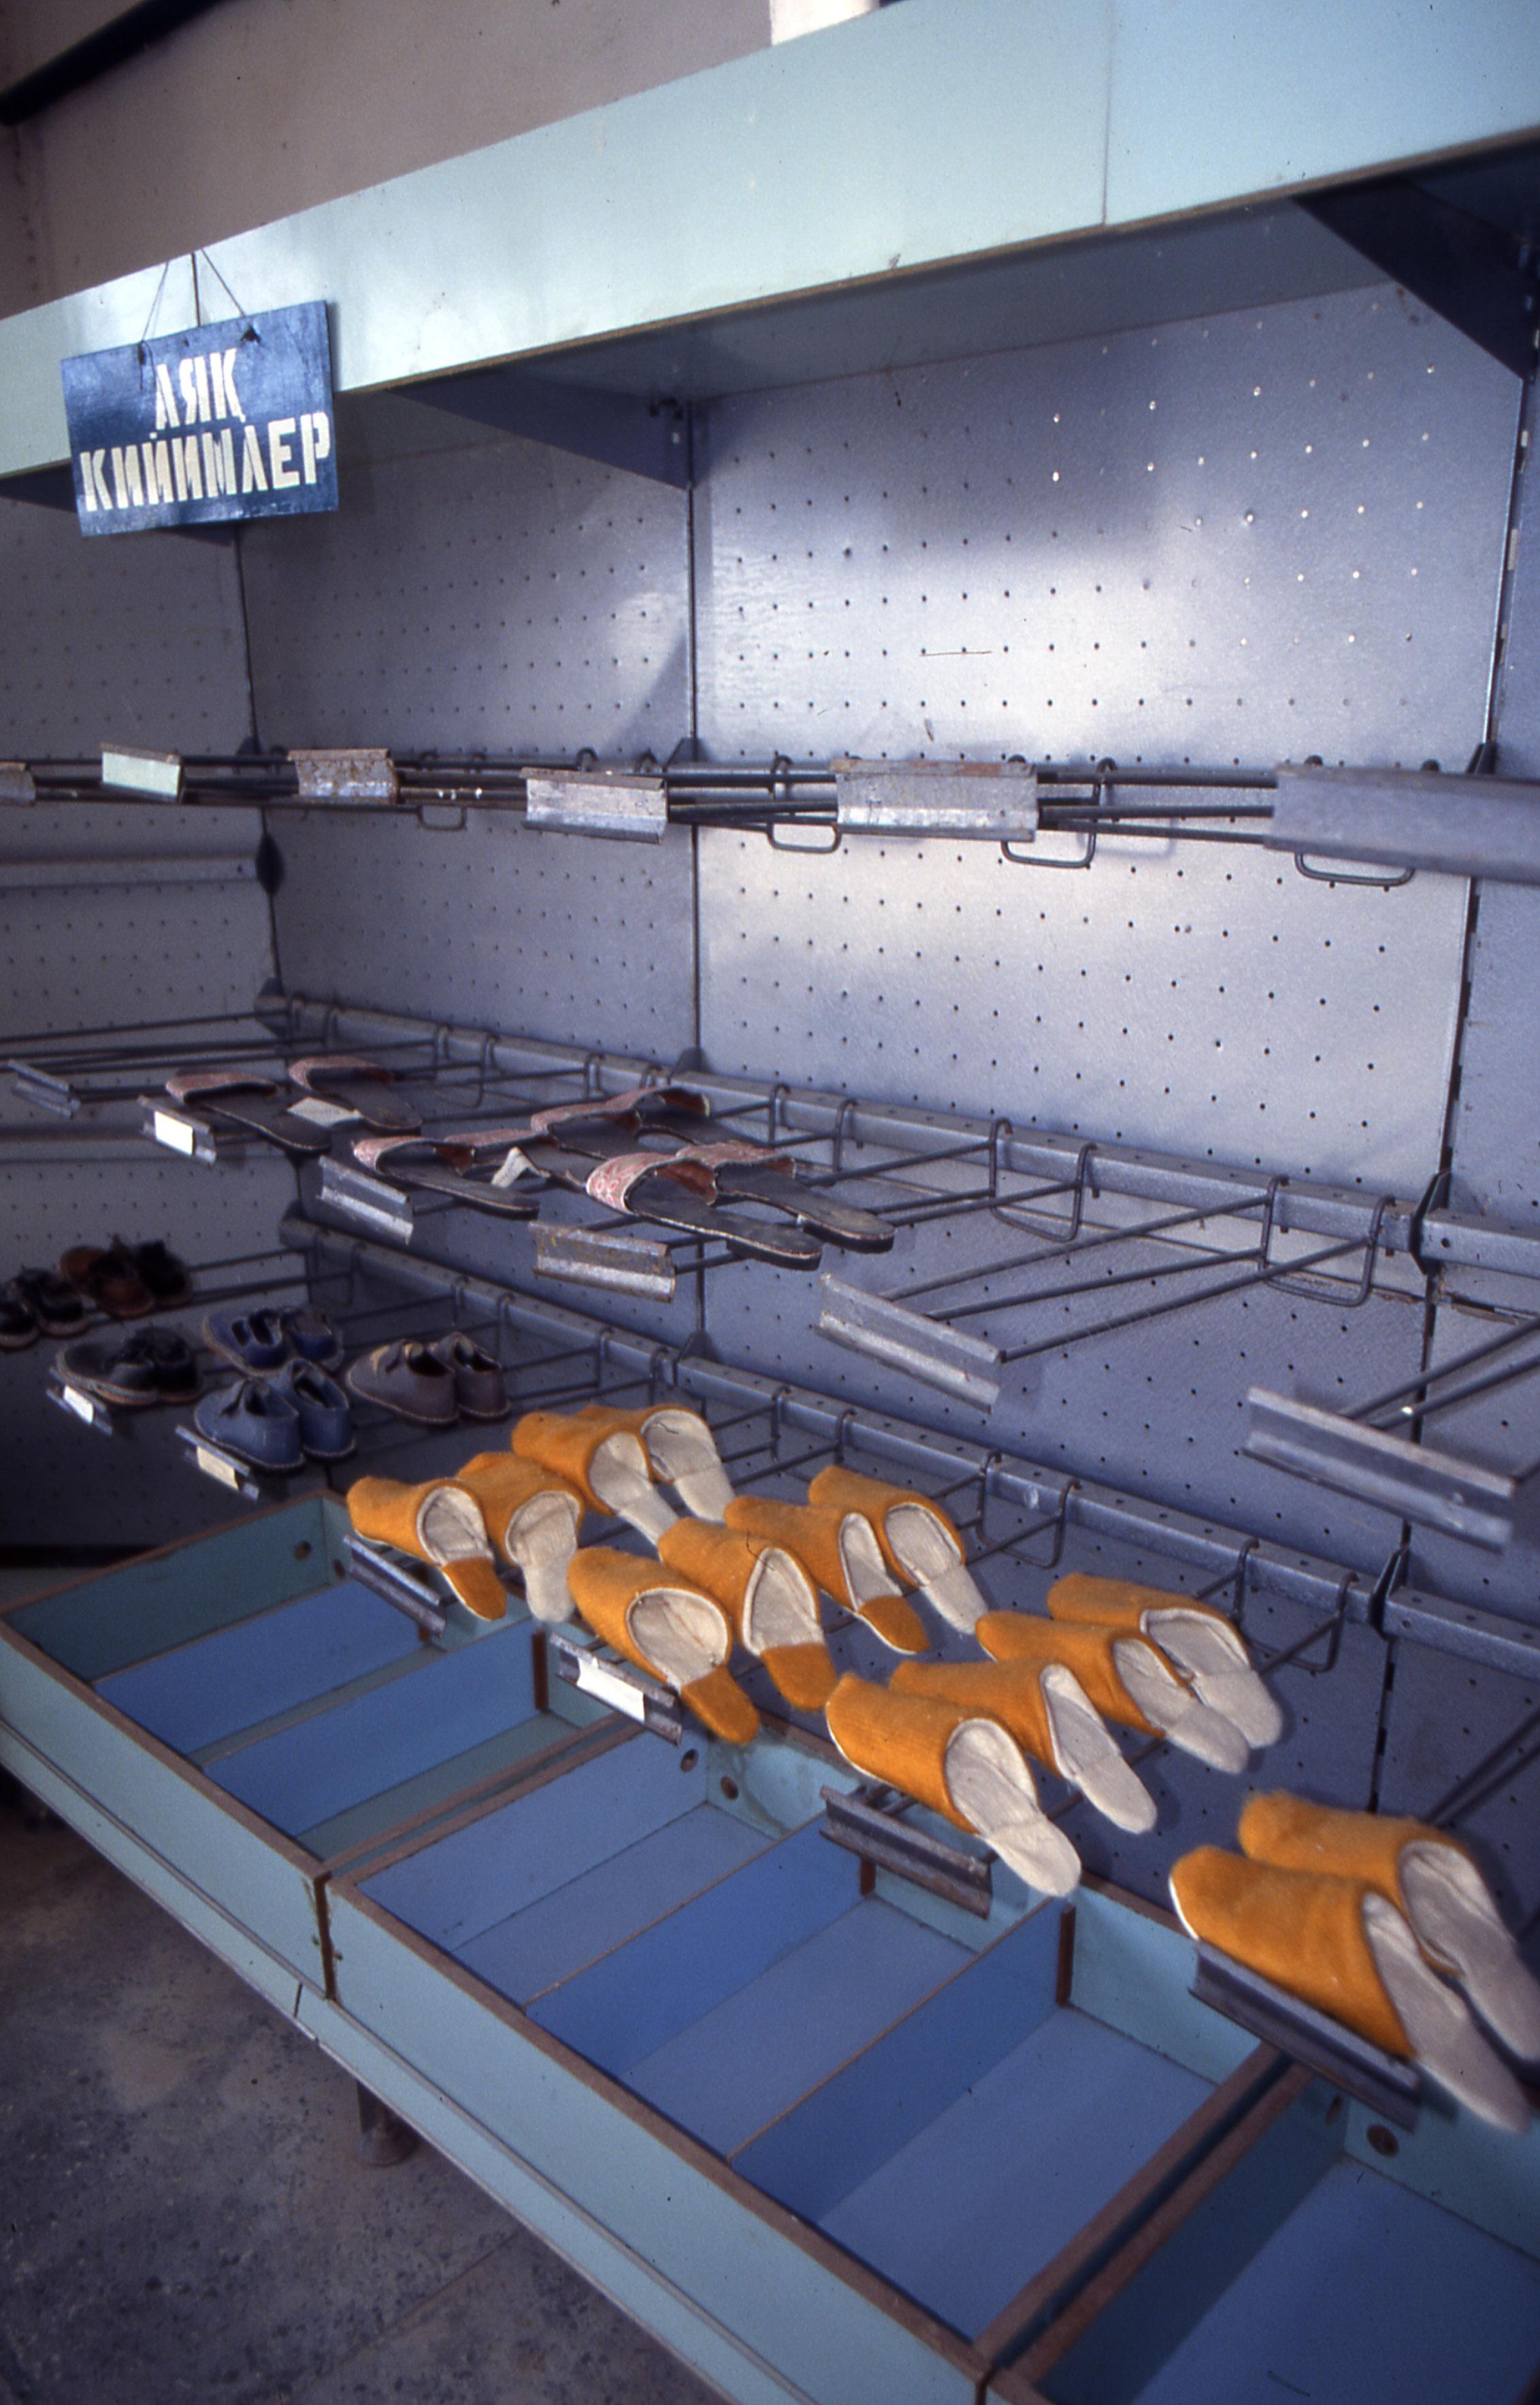 Shops outside the capital in Karakalpak were largely empty